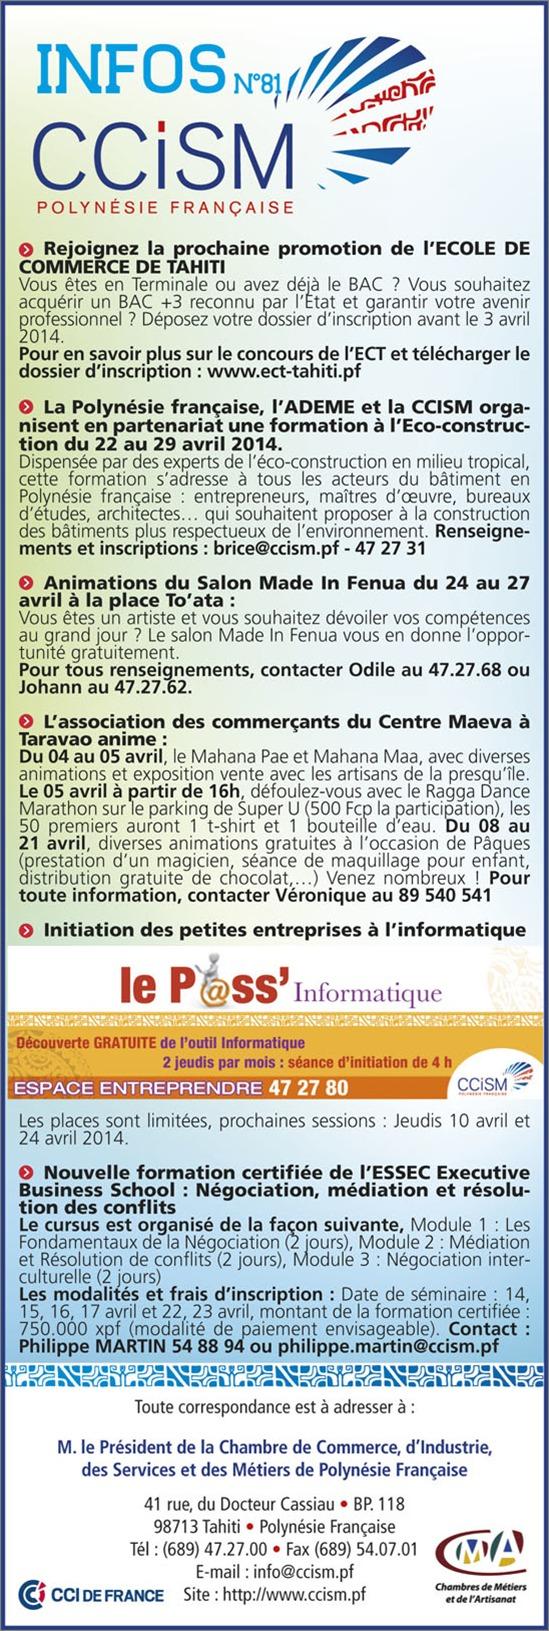 Infos CCISM N°81